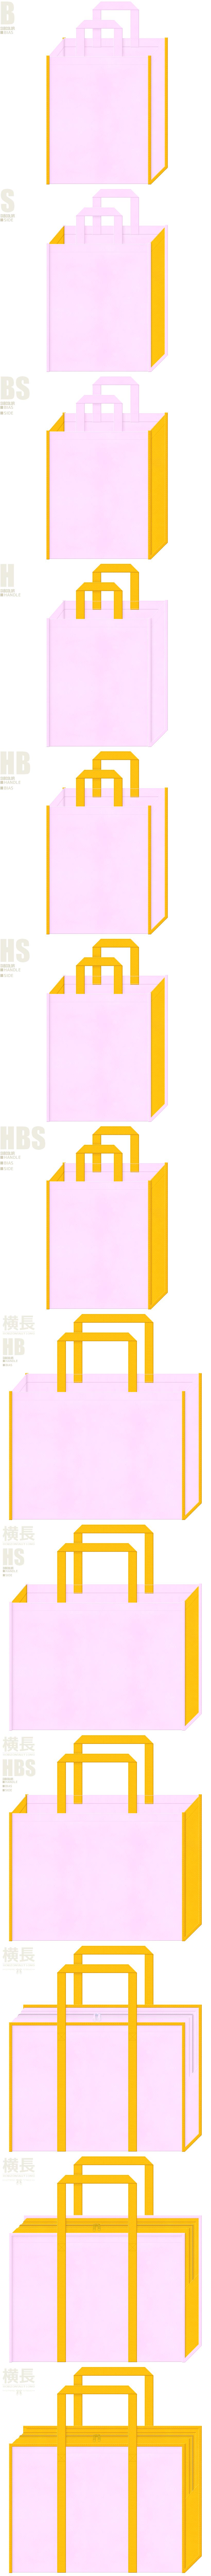 絵本・おとぎ話・月・星・エンジェル・ピエロ・プリンセス・おもちゃの兵隊・楽団・テーマパーク・菜の花・ひよこ・保育・通園バッグ・キッズイベント・ガーリーデザインにお奨めの不織布バッグデザイン:明るいピンク色と黄色の配色7パターン。